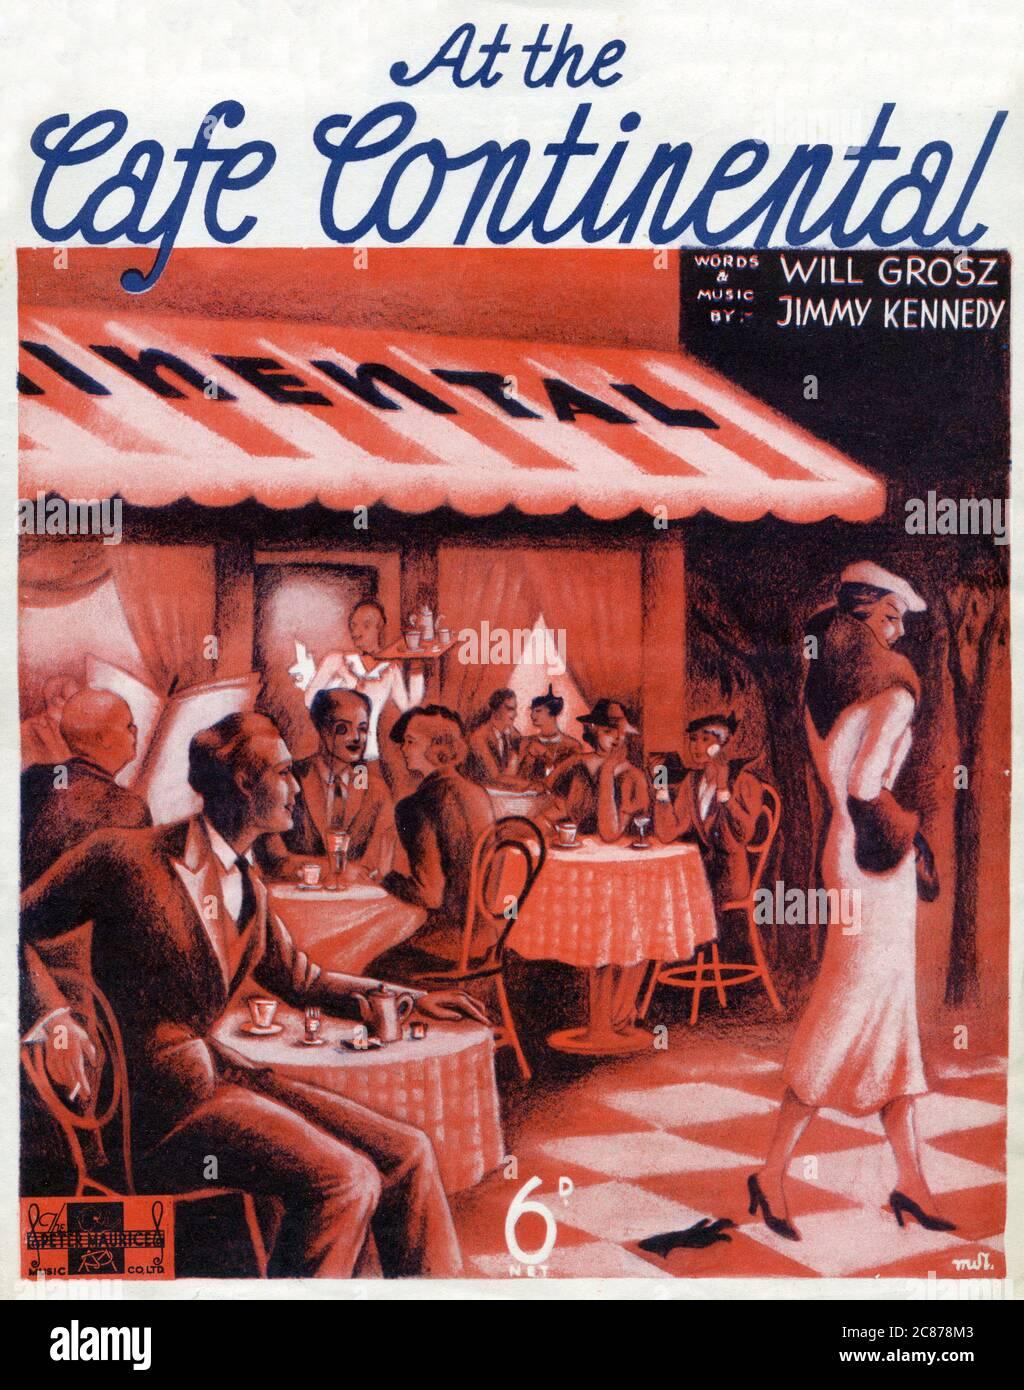 Notencover für 'At The Cafe Continental' von will Grosz und Jimmy Kennedy. Abbildung zeigt ein kontinentales Café mit verschiedenen Gästen an Tischen im Freien sitzen. Ein Kellner taucht mit Getränken auf und eine elegante Frau fällt einem Bewunderer ins Auge. Datum: 1936 Stockfoto